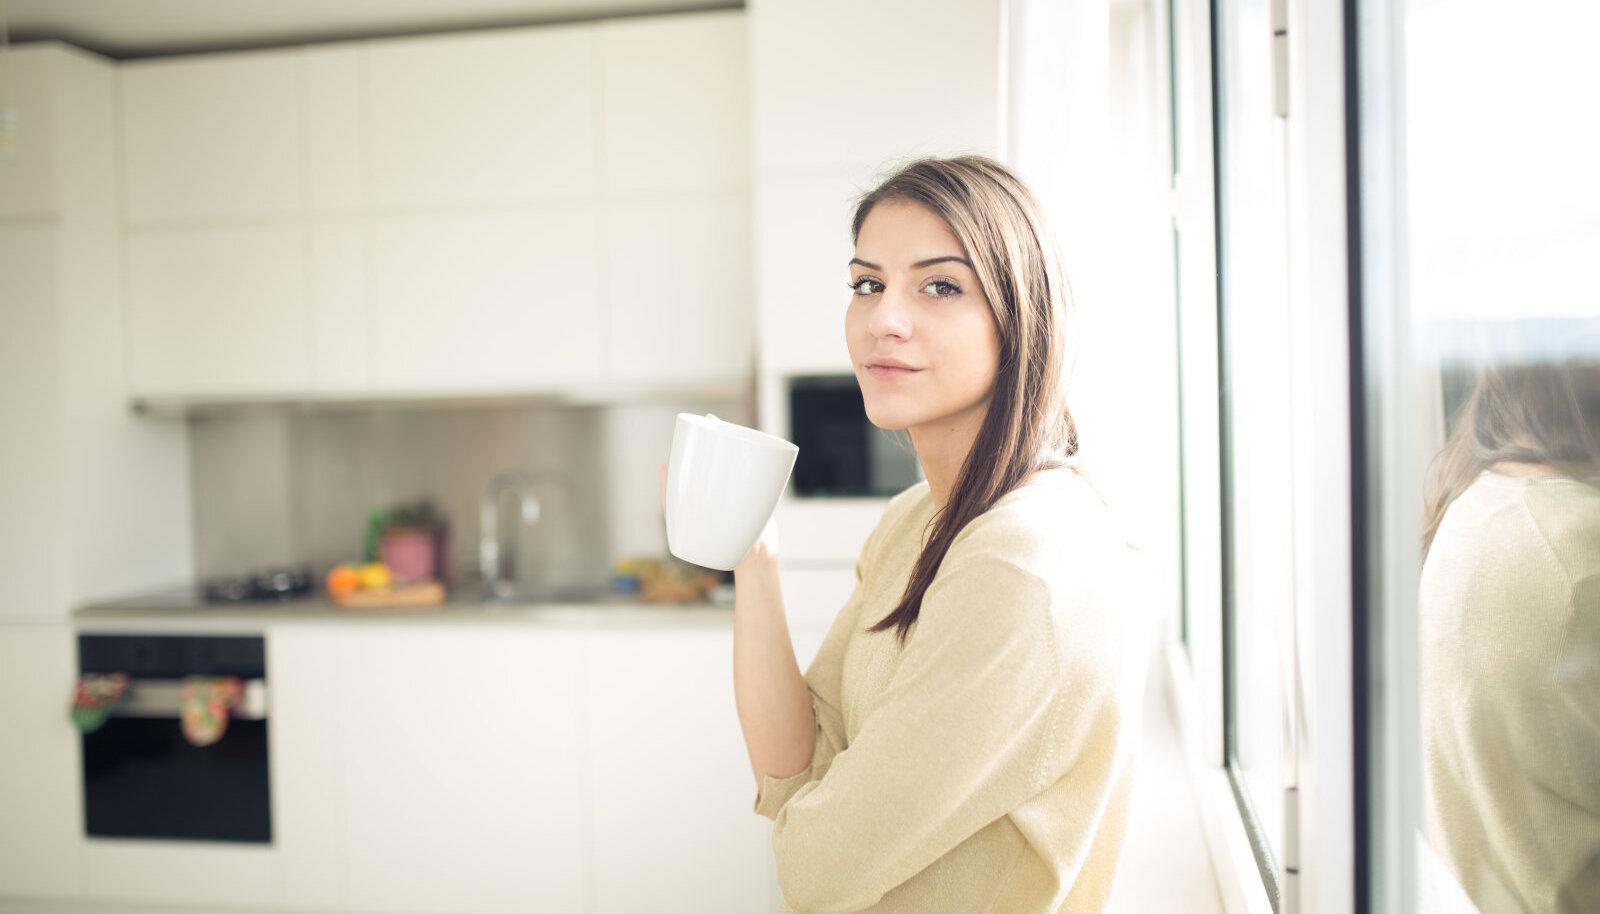 Kakaos sisalduvad flavanoolid aitavad suurendada tähelepanuvõimet, ergutavad mõtlemiskiirust ja parandavad mälu.